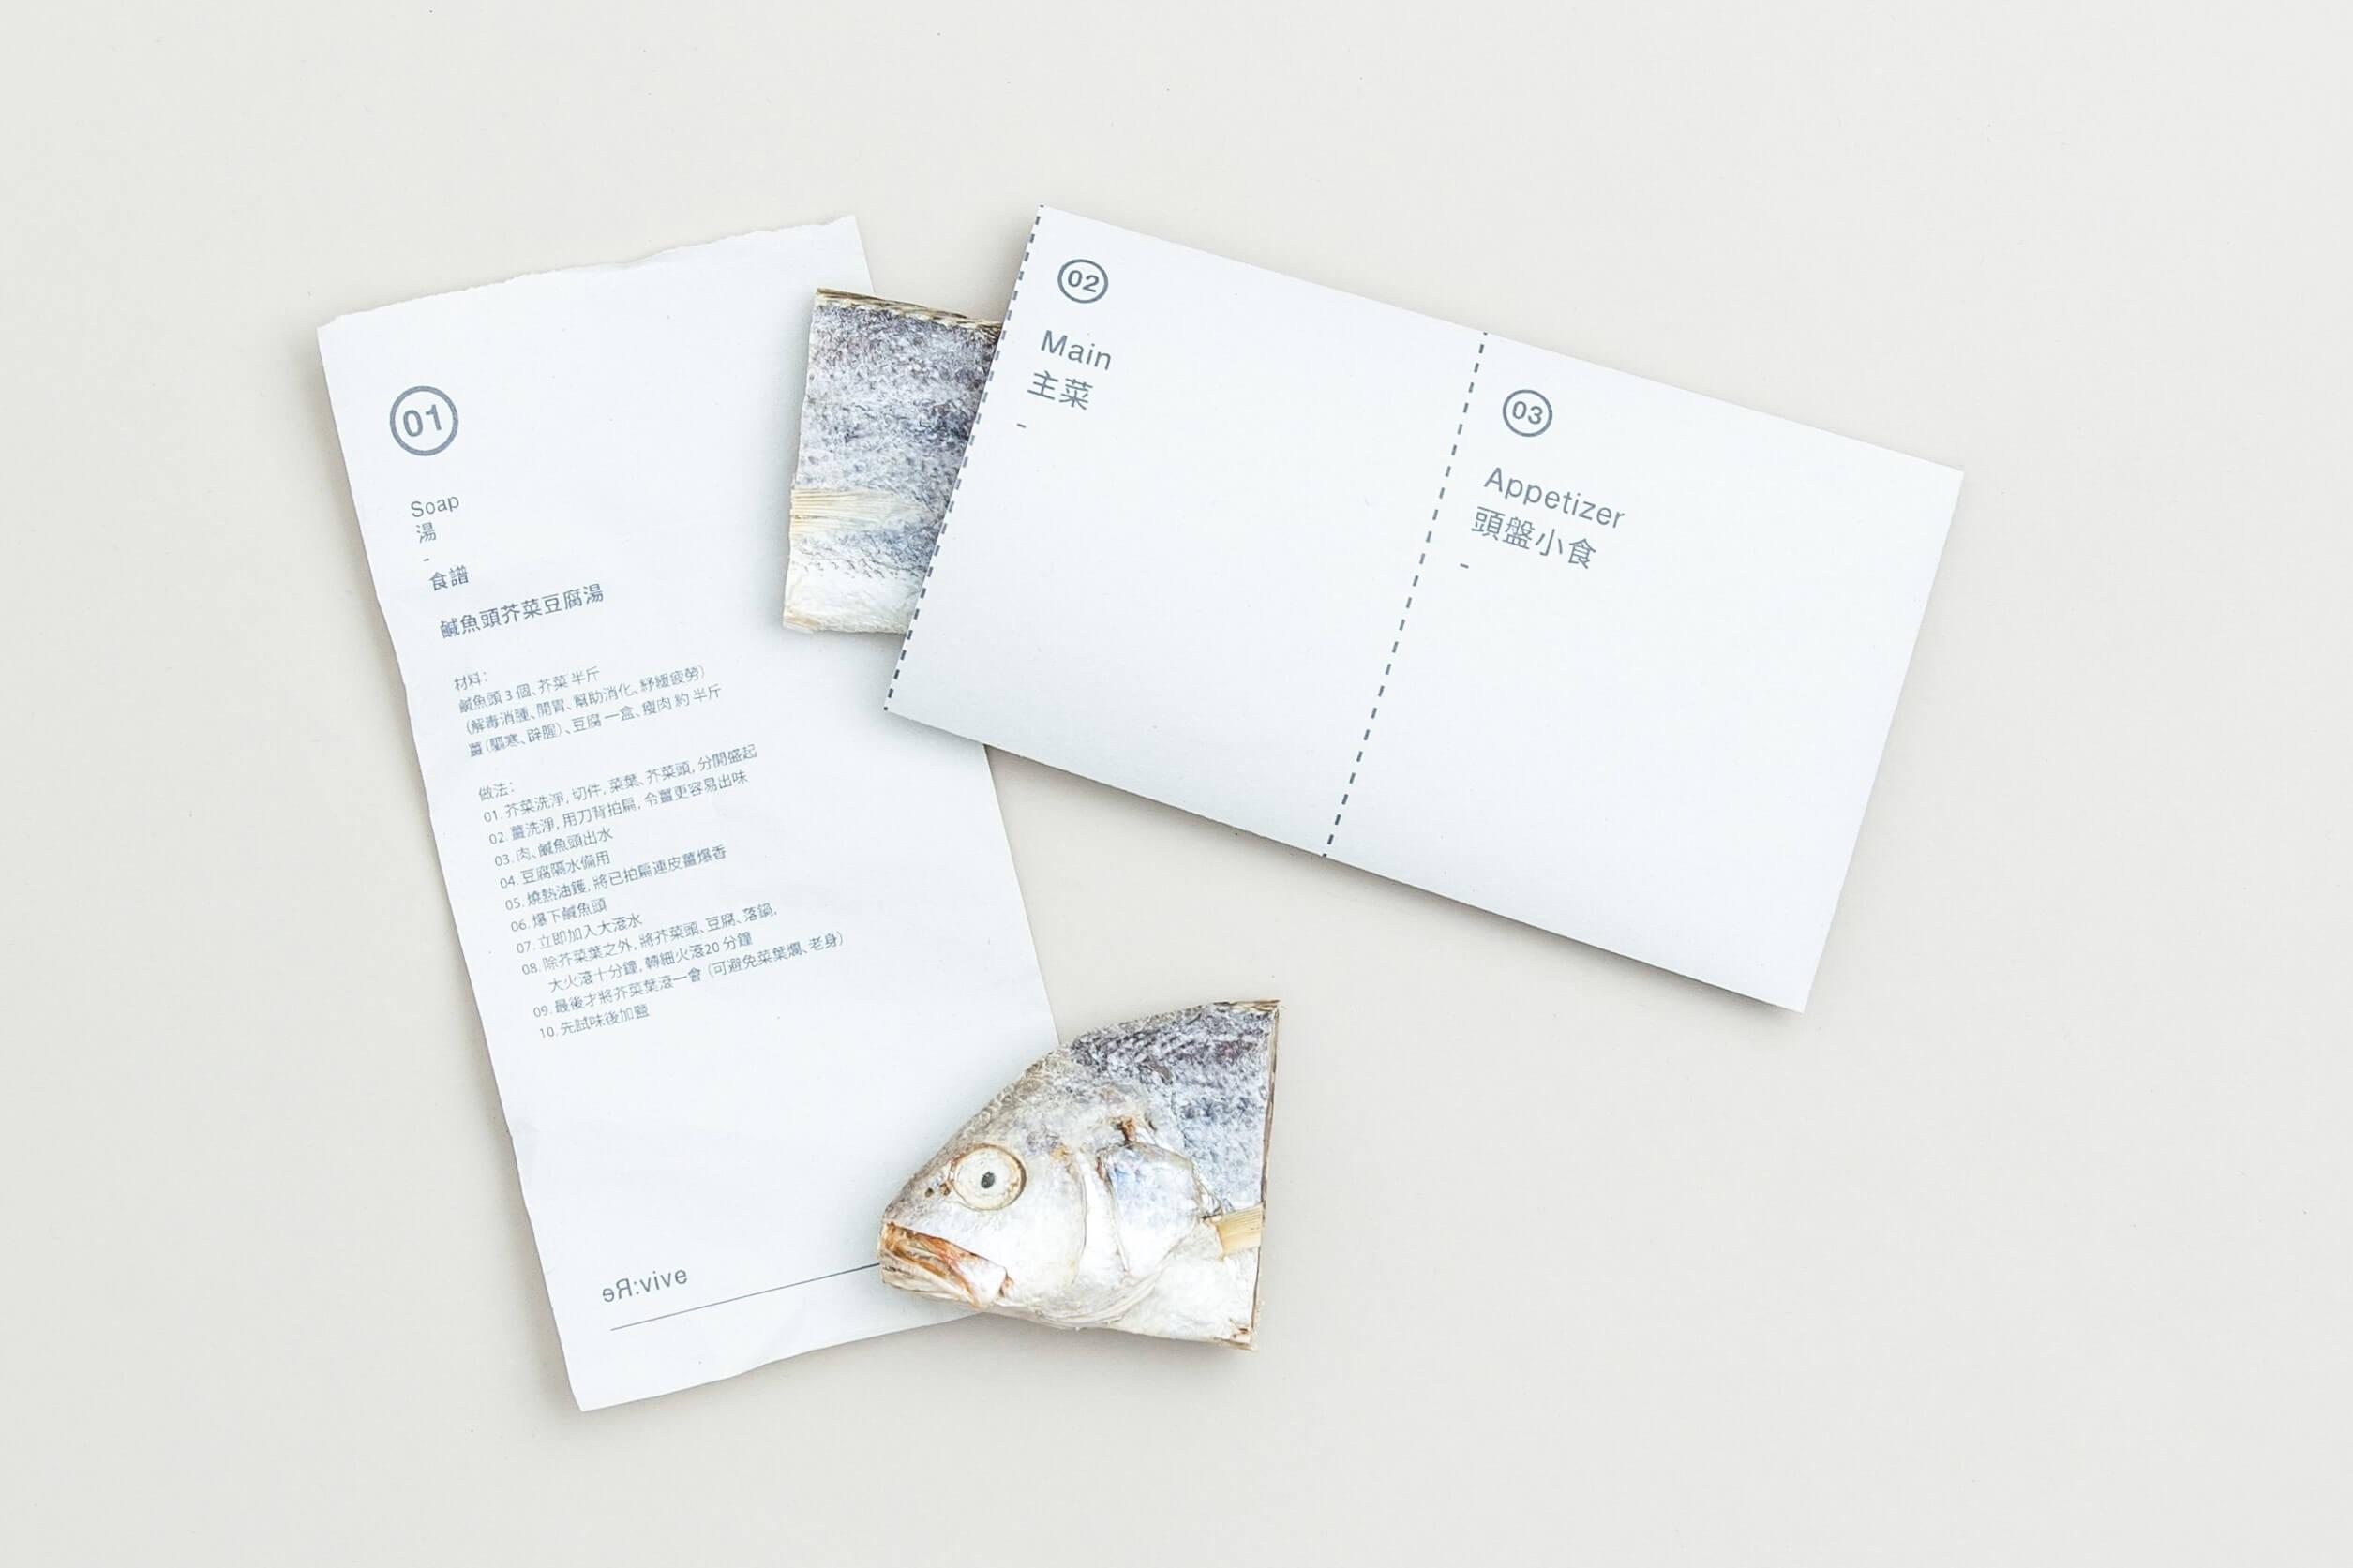 紙製包裝把鹹魚分為湯、主菜及頭盤小吃,撕開就見到內頁食譜。